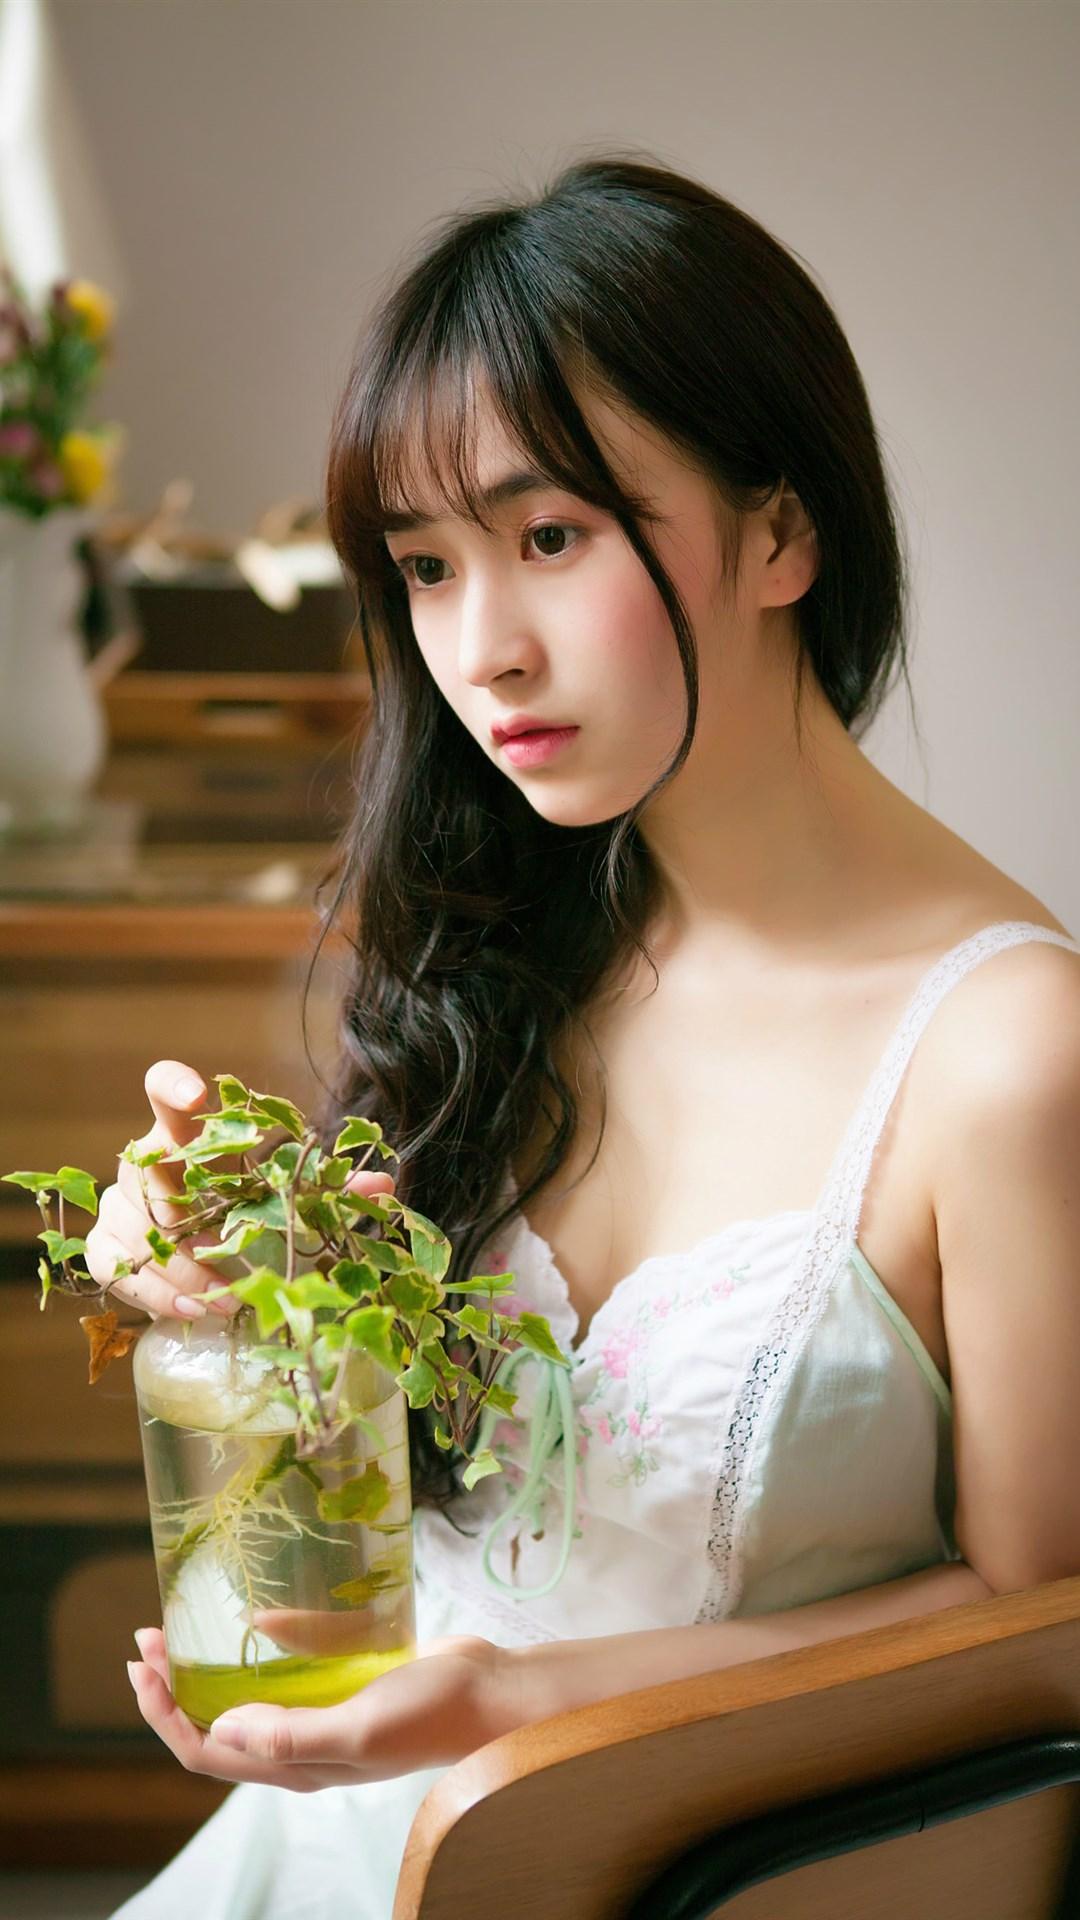 清新清纯美女高清写真图片